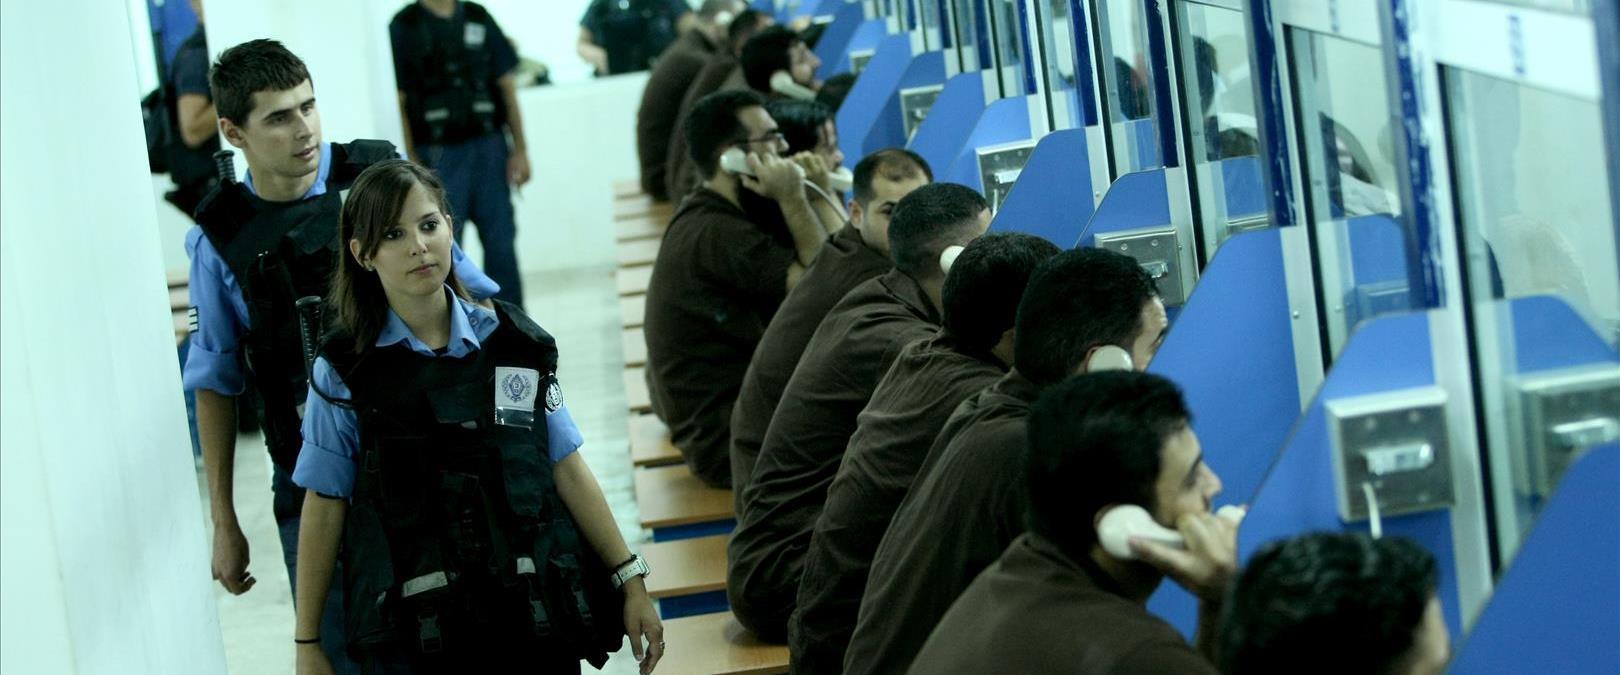 אסירים בטחוניים, כלא עופר